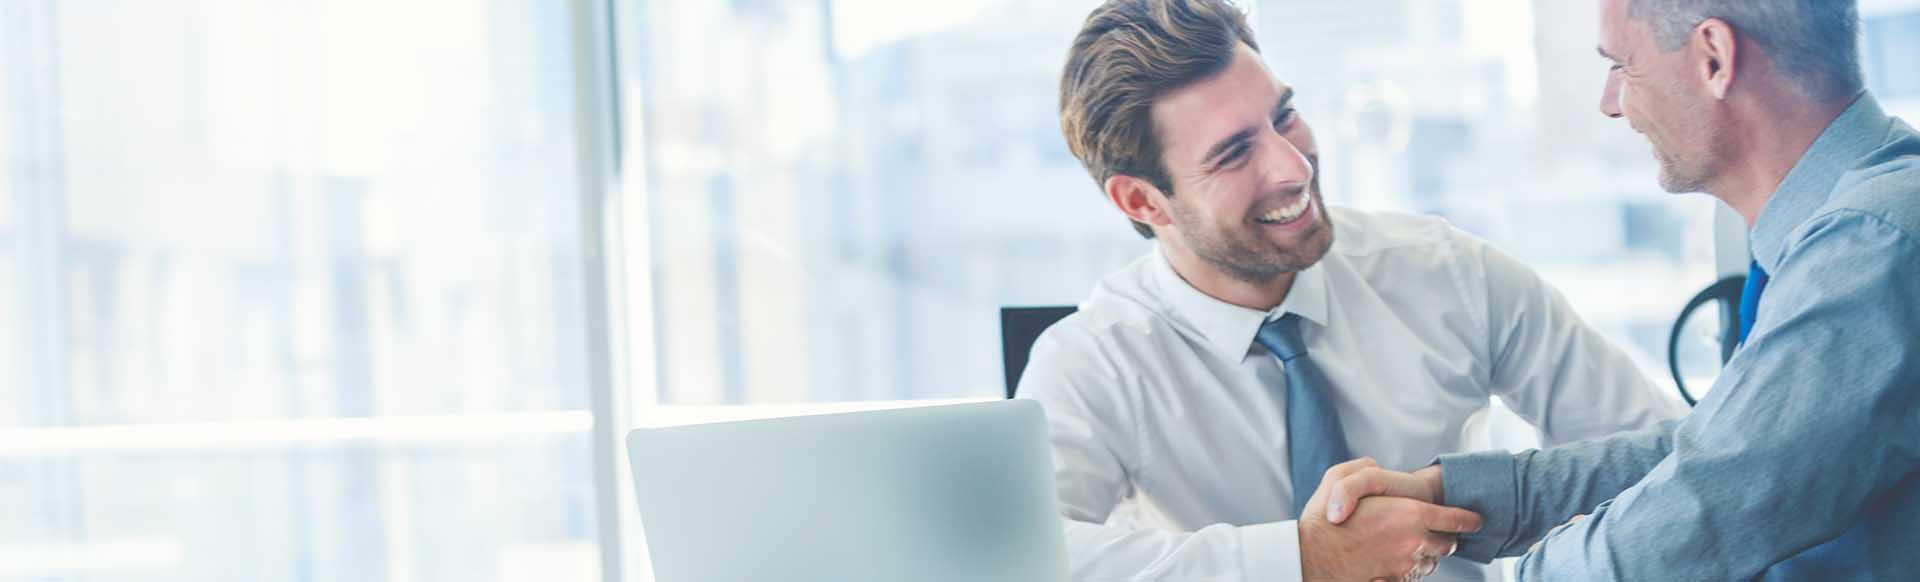 Unternehmensbereiche verknüpfen mit SAP Business One